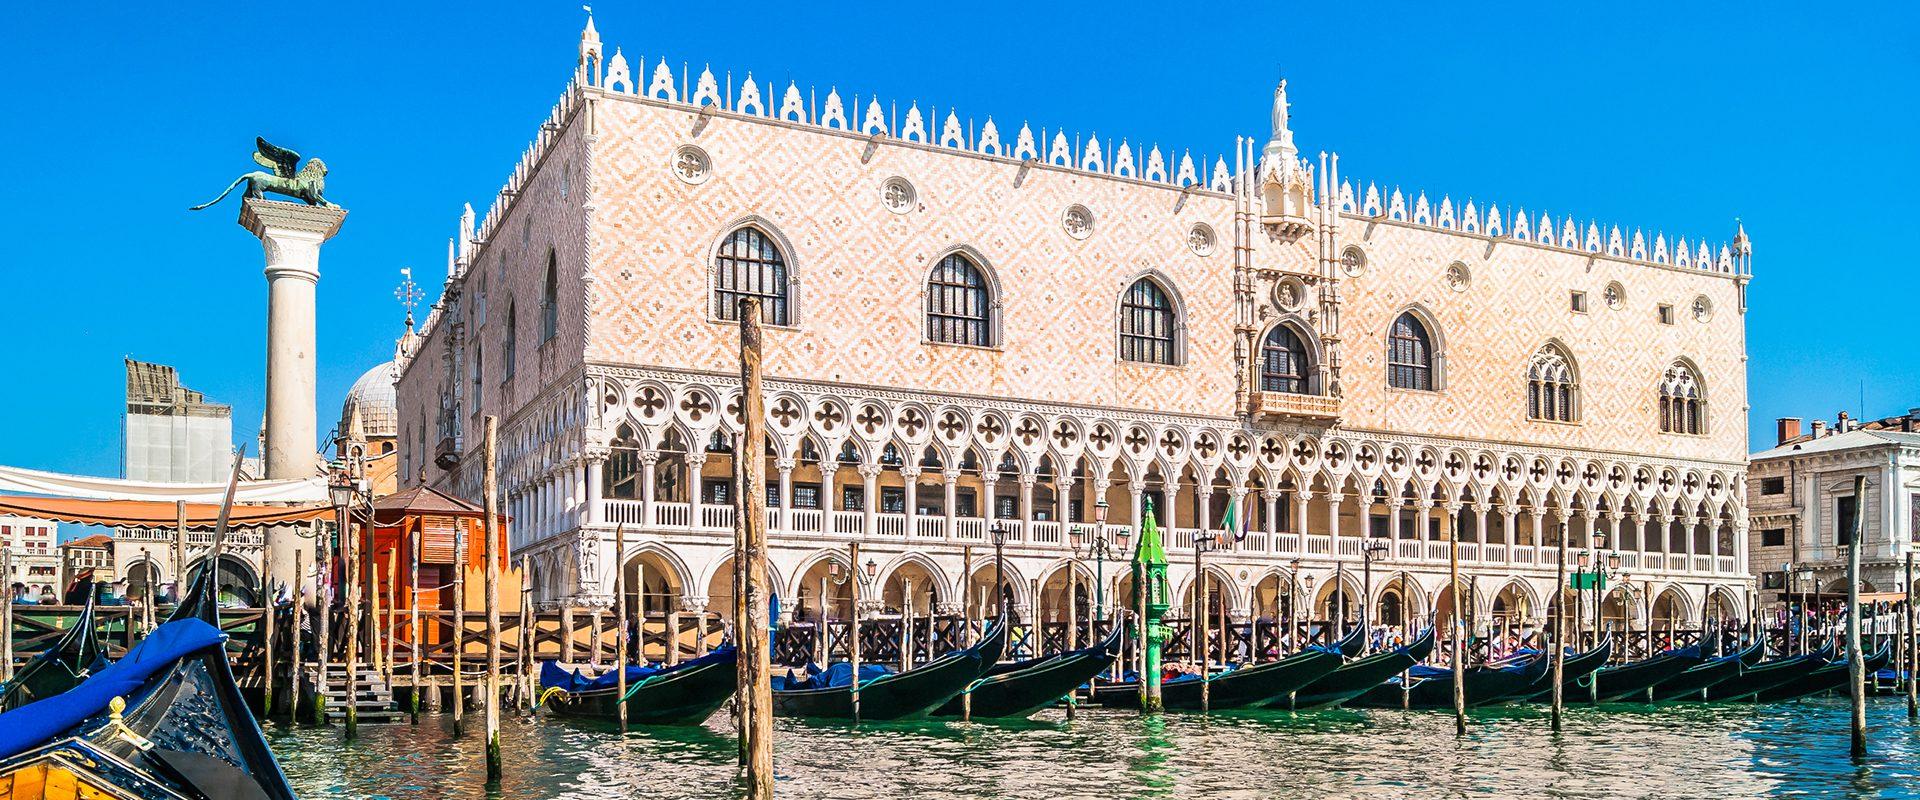 48 horas en Venecia